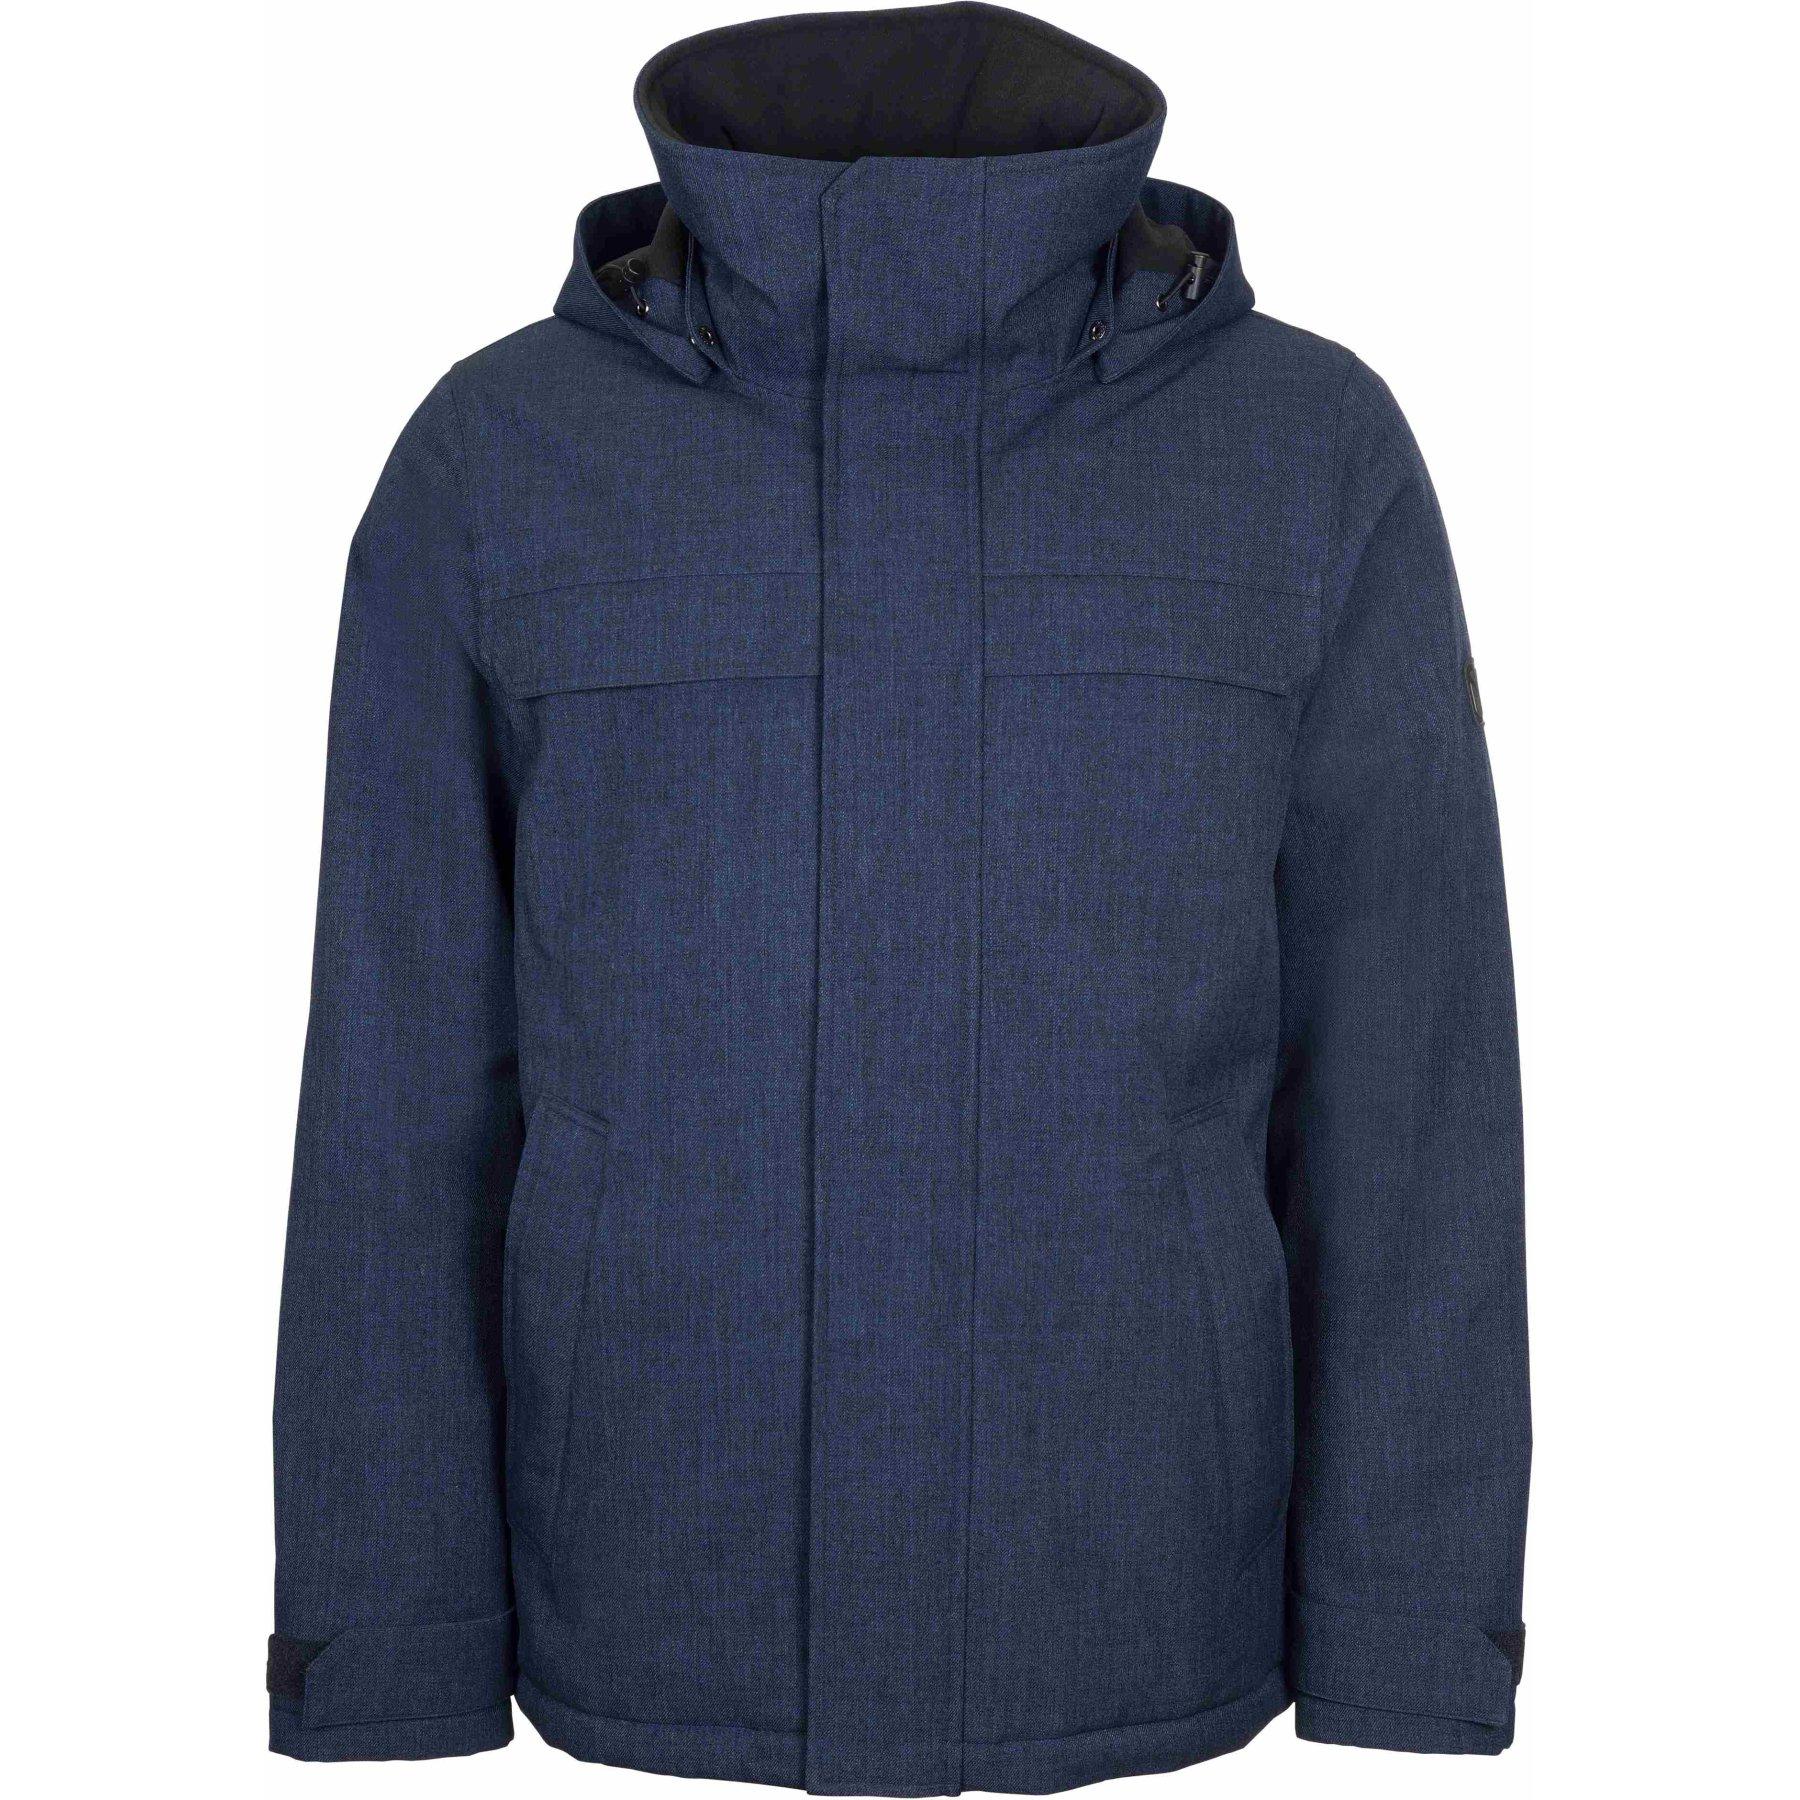 Elkline UNDERCOVER Waterproof Outdoor Jacket - bluemelange